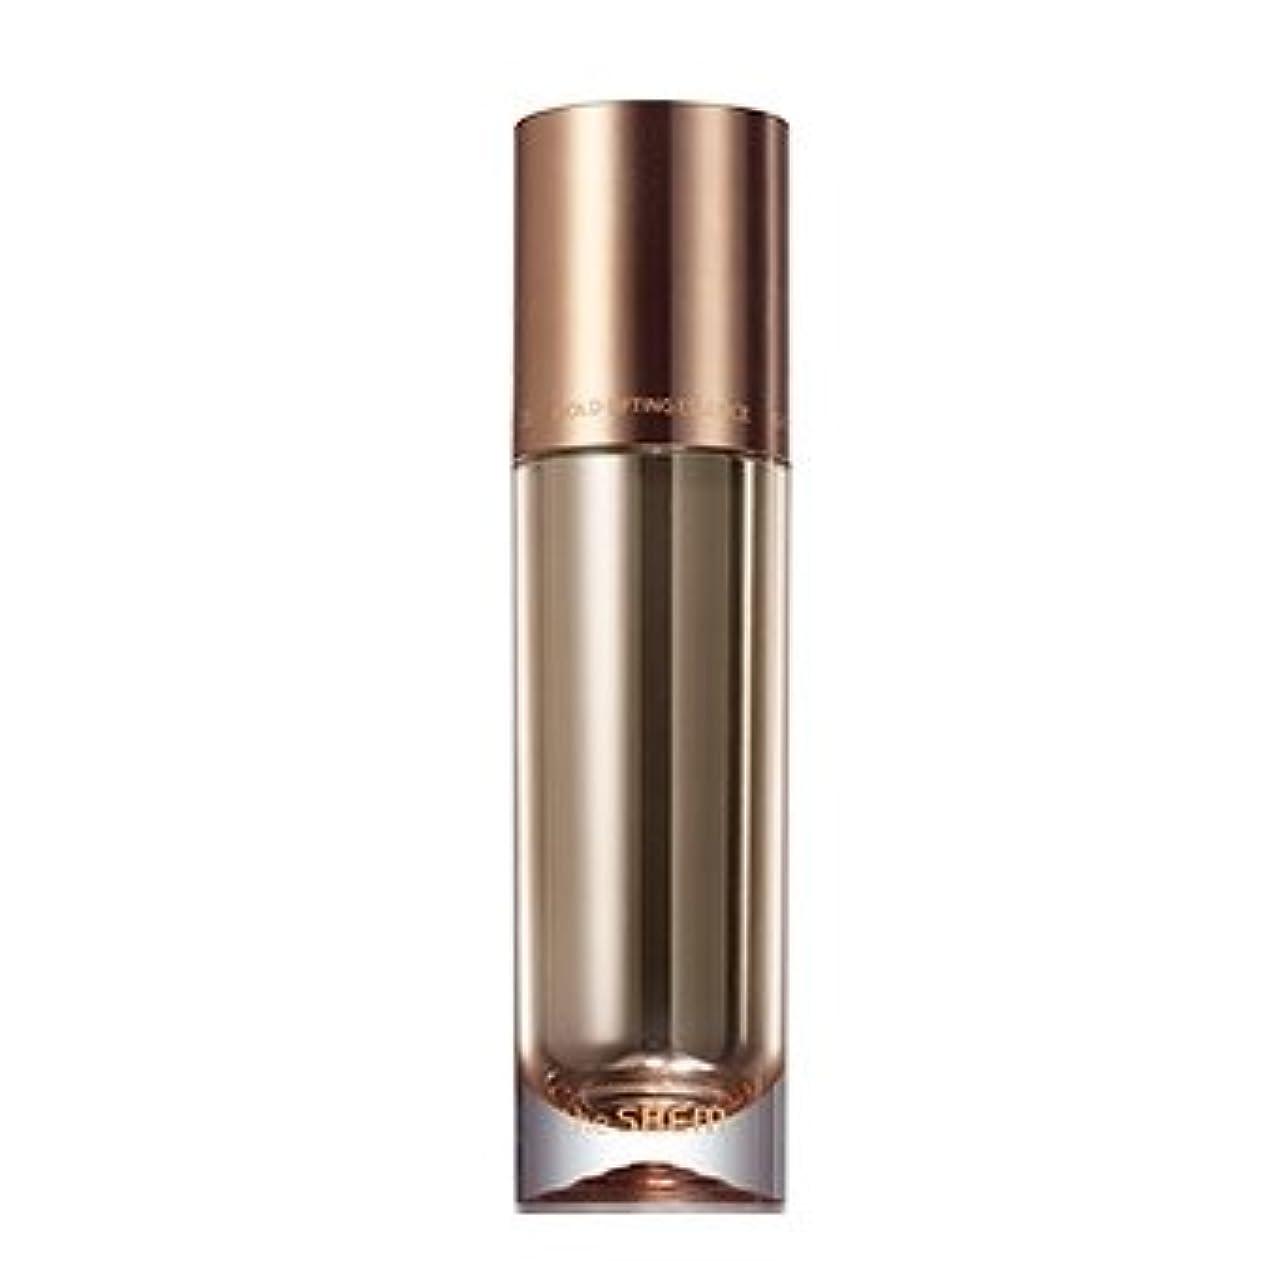 ロケーション不忠輸血the SAEM Gold Lifting Essence 40ml/ザセム ゴールド リフティング エッセンス 40ml [並行輸入品]